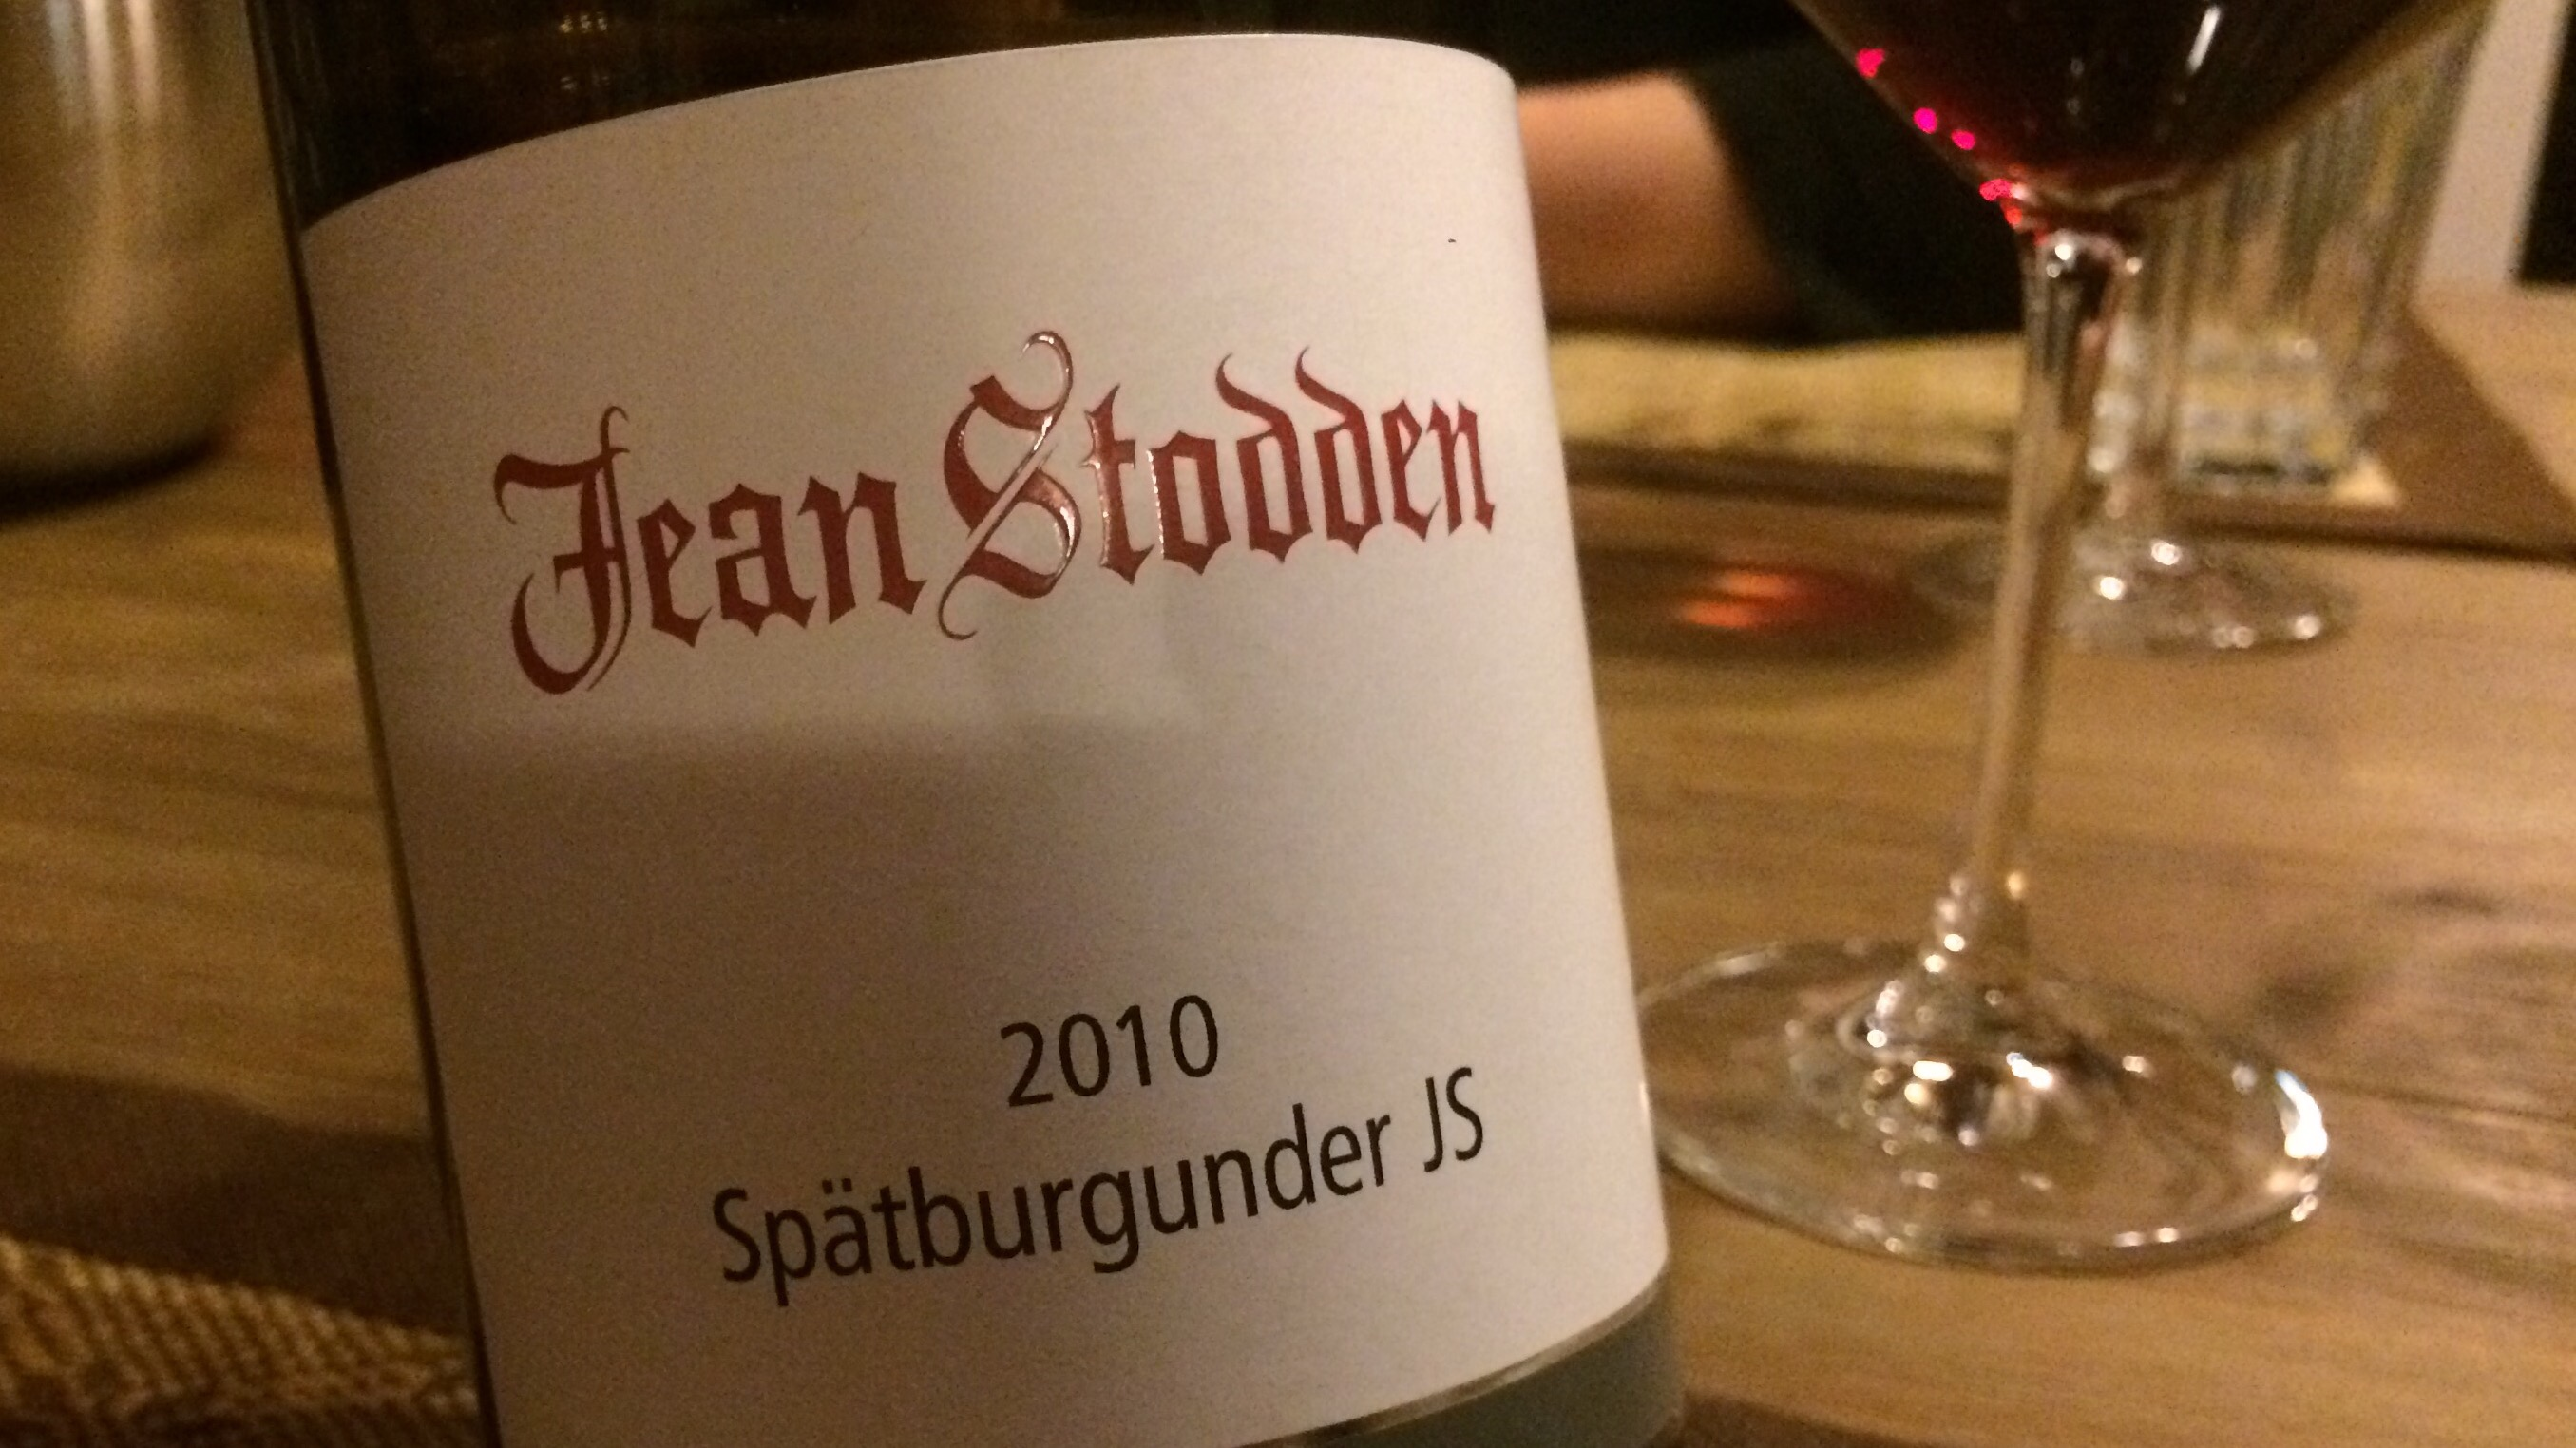 2010 Spätburgunder JS, Jean Stodden